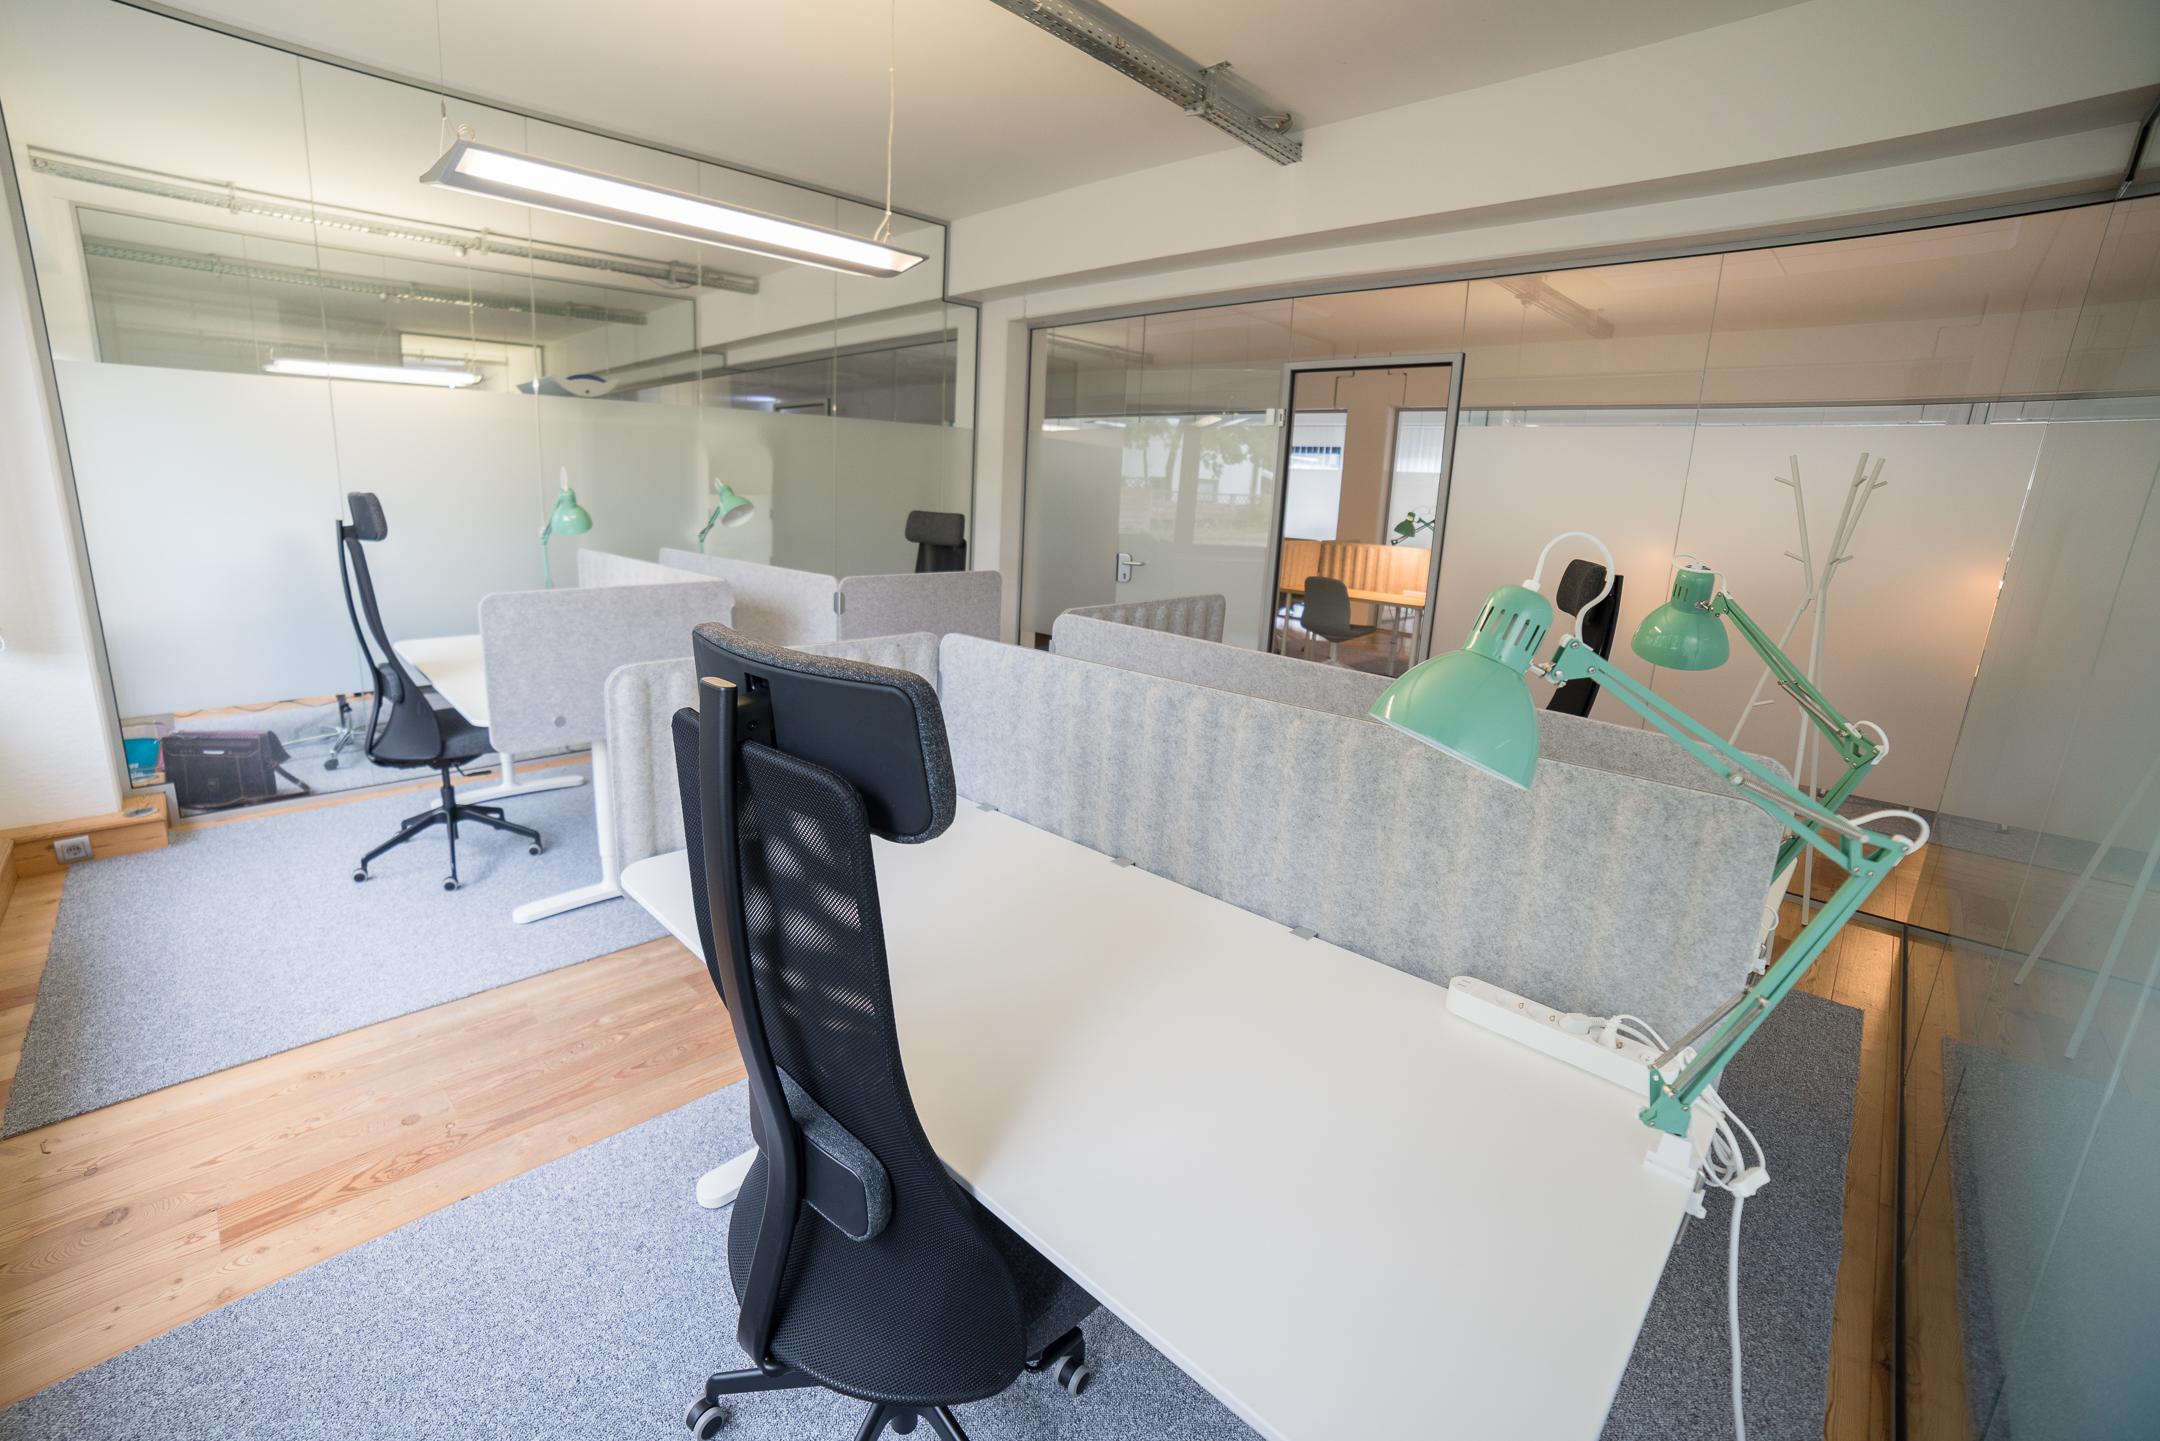 Teambüro in Ahrensburg möbliert mit vier Arbeitsplätzen